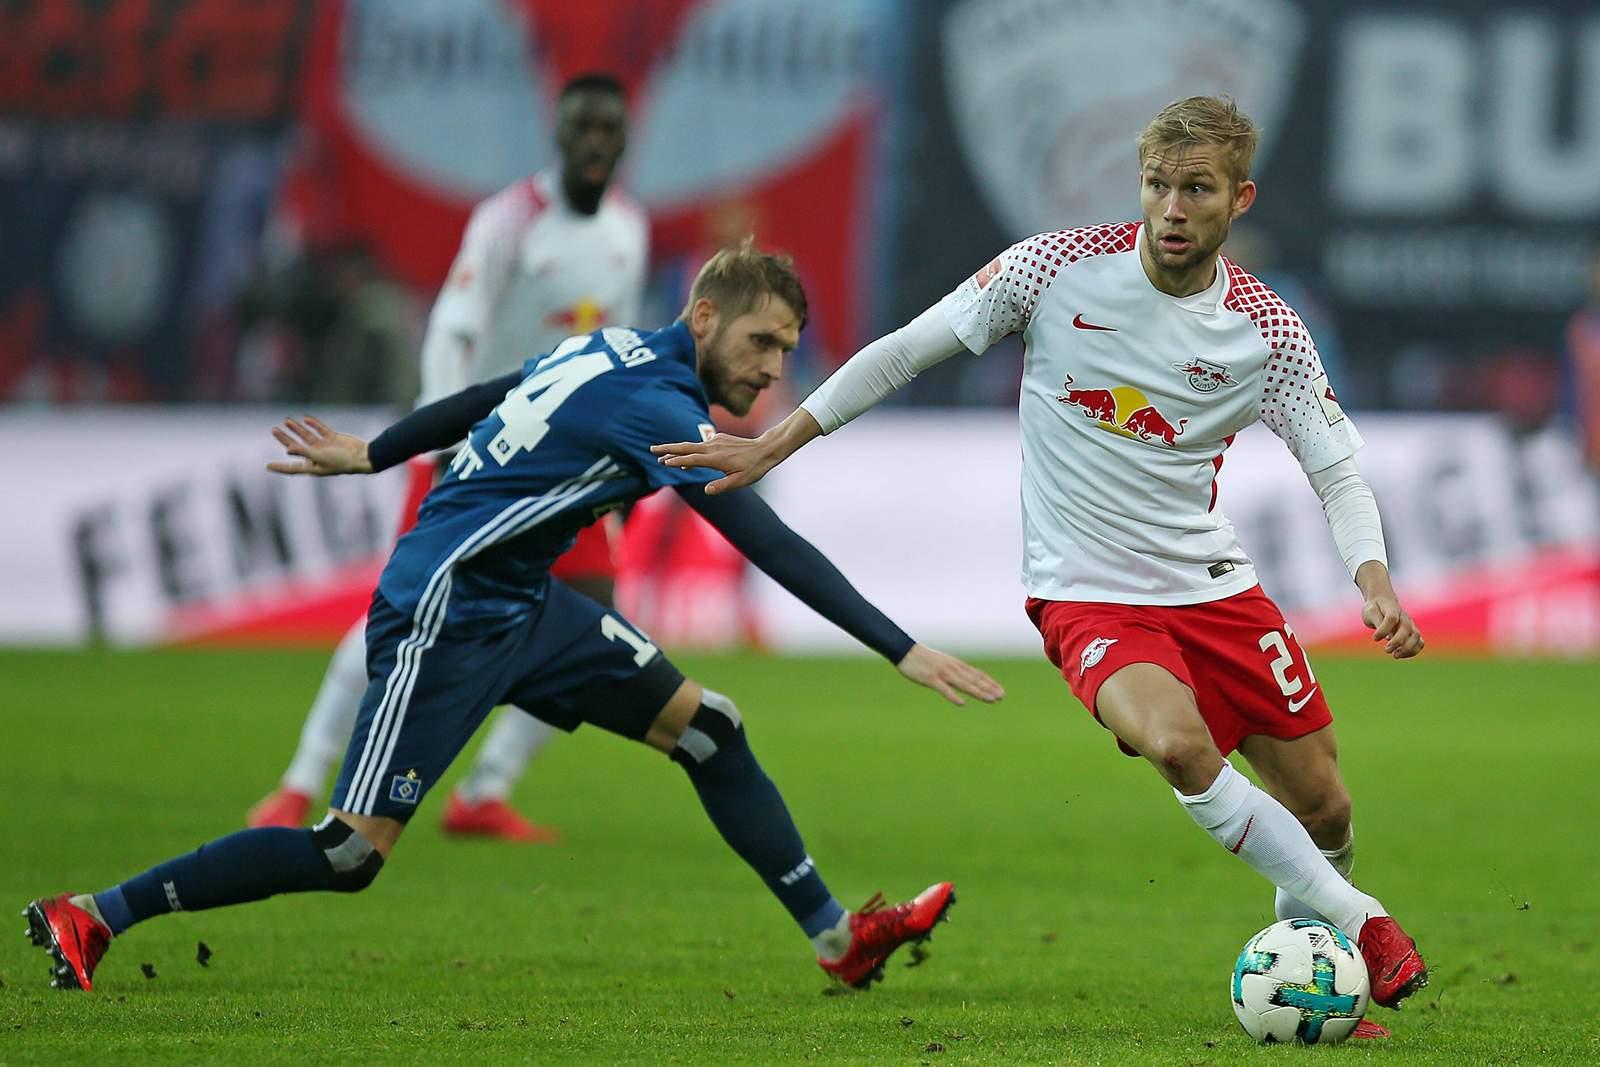 Setzt sich Hunt gegen Laimer durch? Jetzt auf HSV gegen Red Bull Leipzig wetten